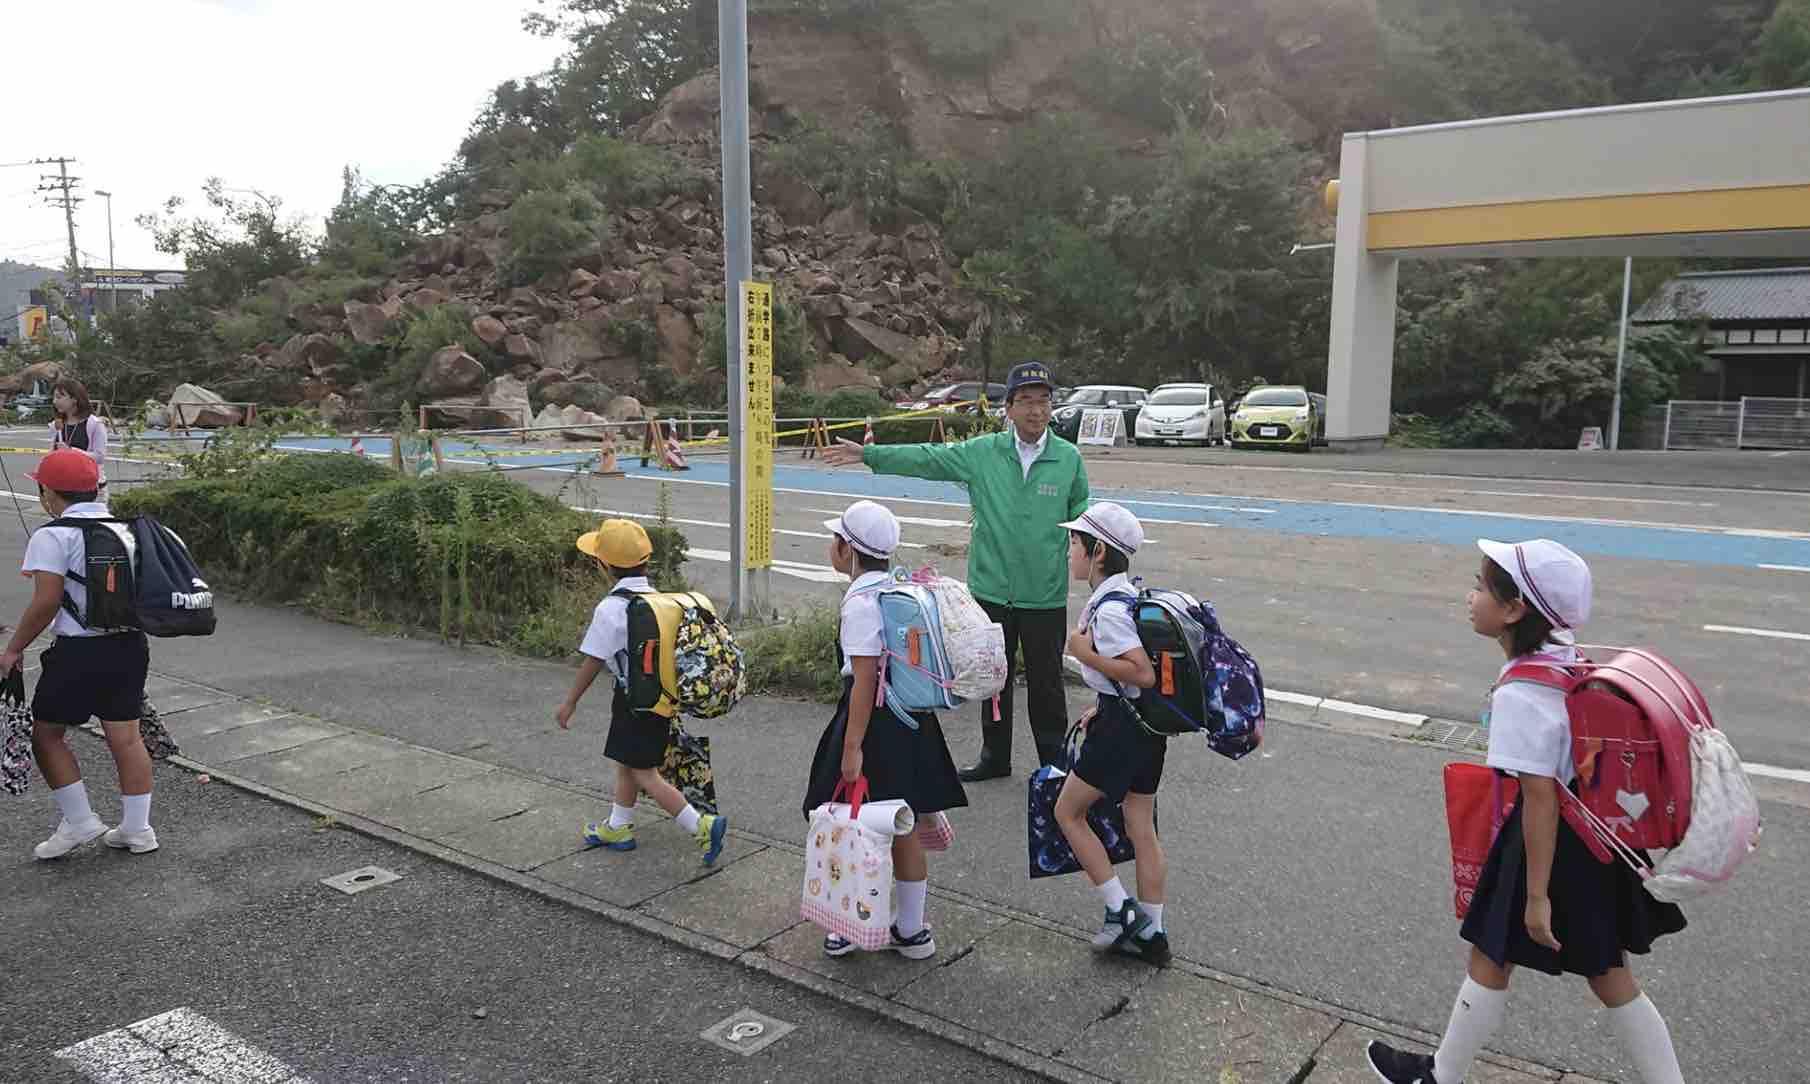 鹿島街道、山崩落から4ヶ月_e0068696_8135551.jpg